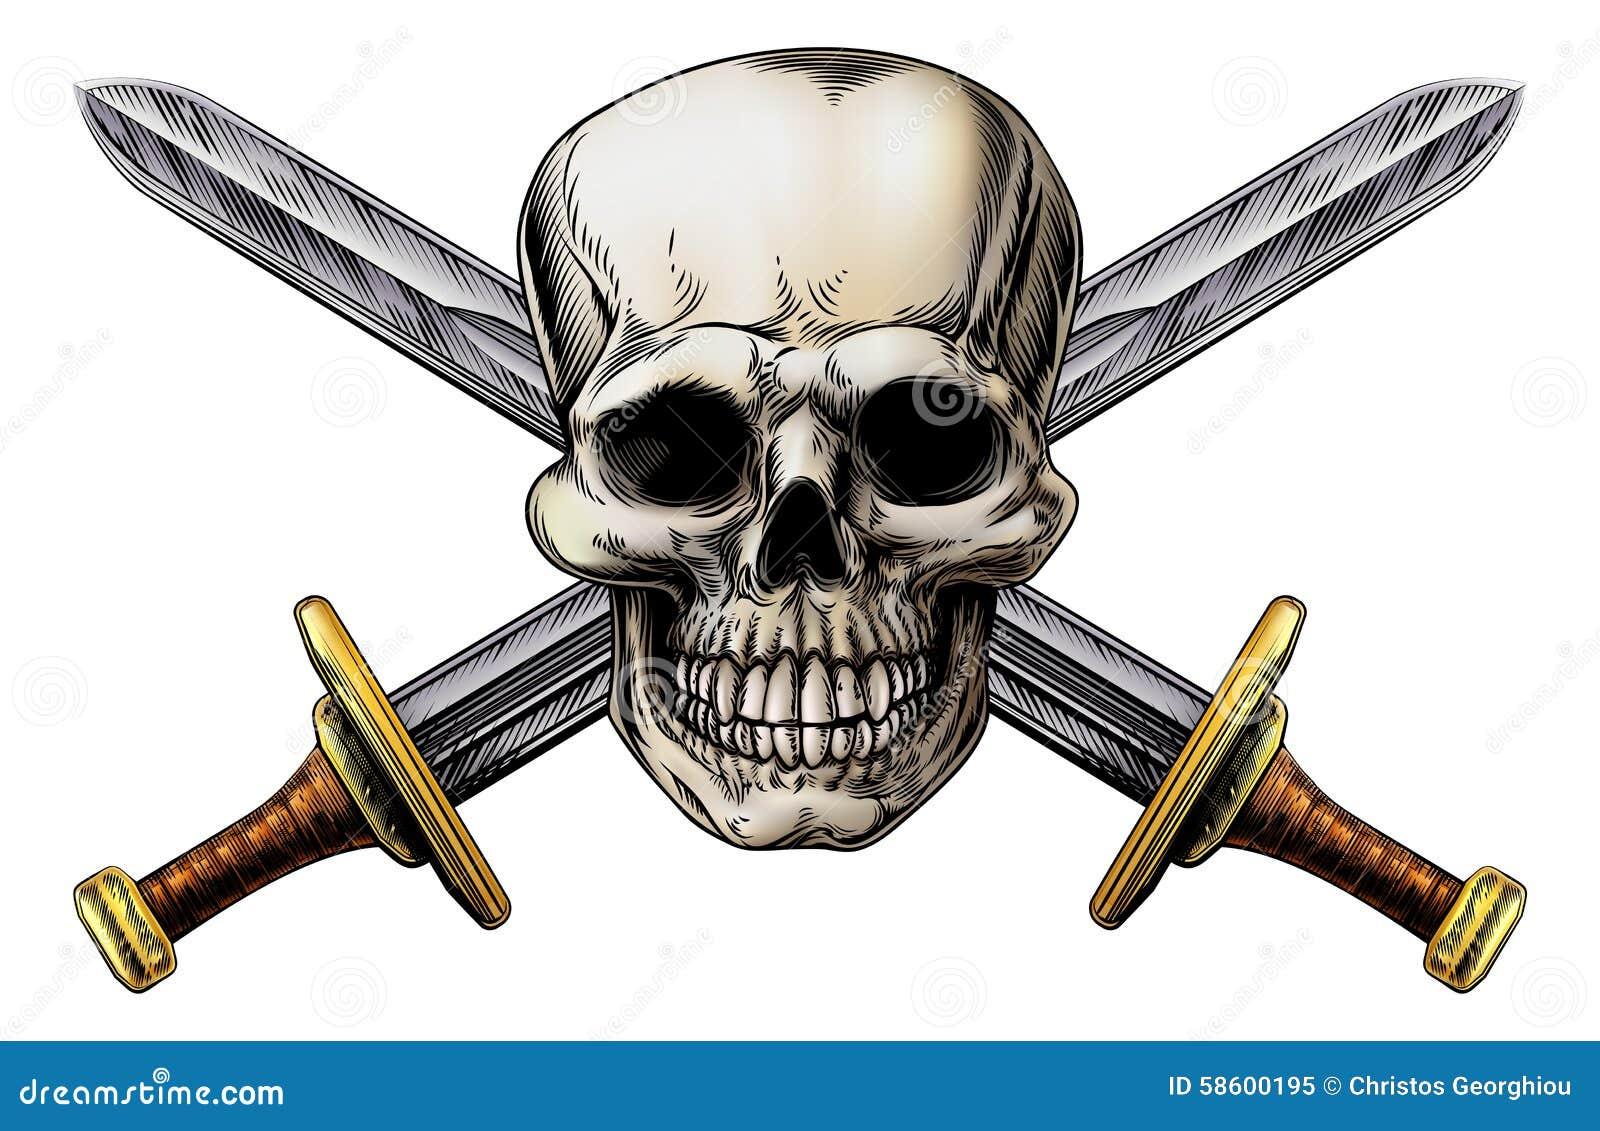 Espadas y cráneo cruzados